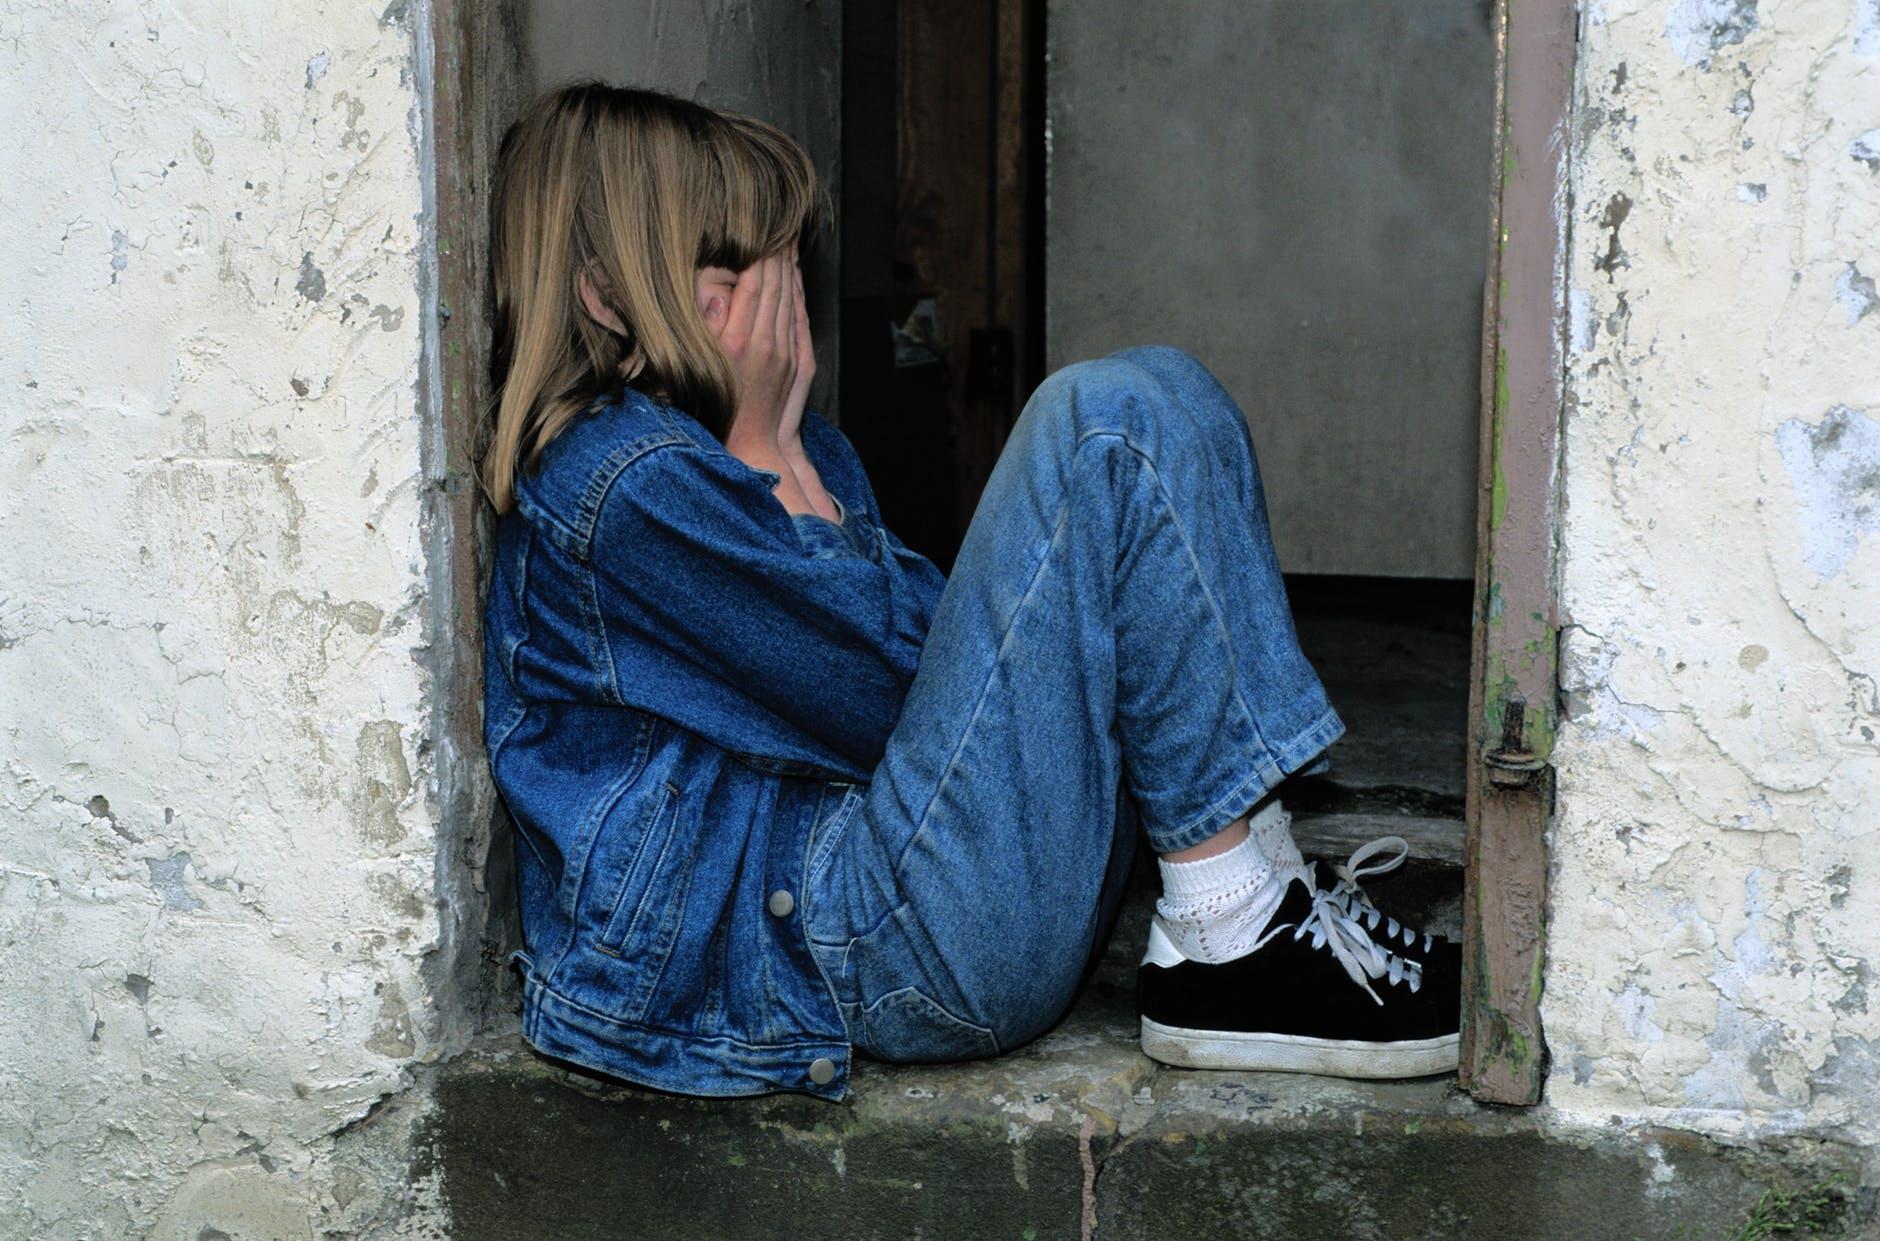 Czynniki wpływające na załamania i regresje w spektrum autyzmu